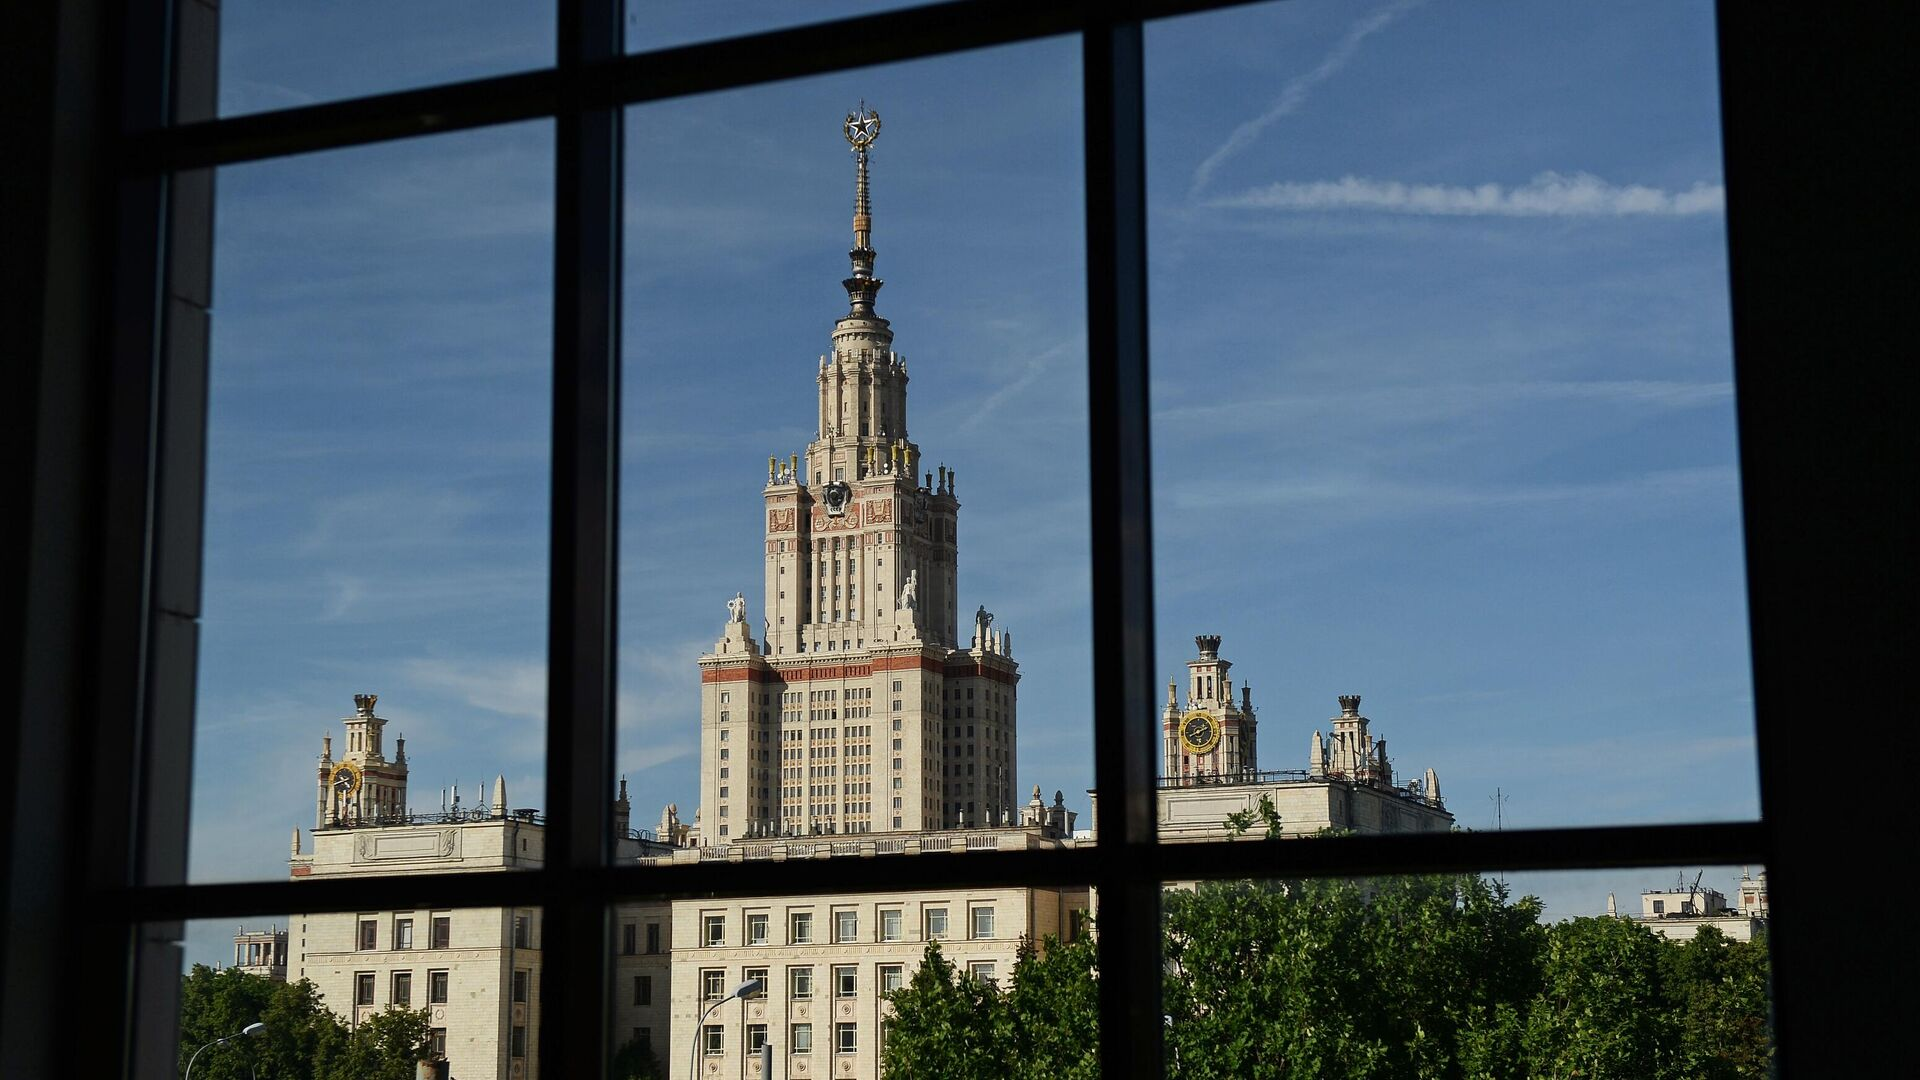 Вид на здание Московского государственного университета имени М.В. Ломоносова - РИА Новости, 1920, 18.11.2020